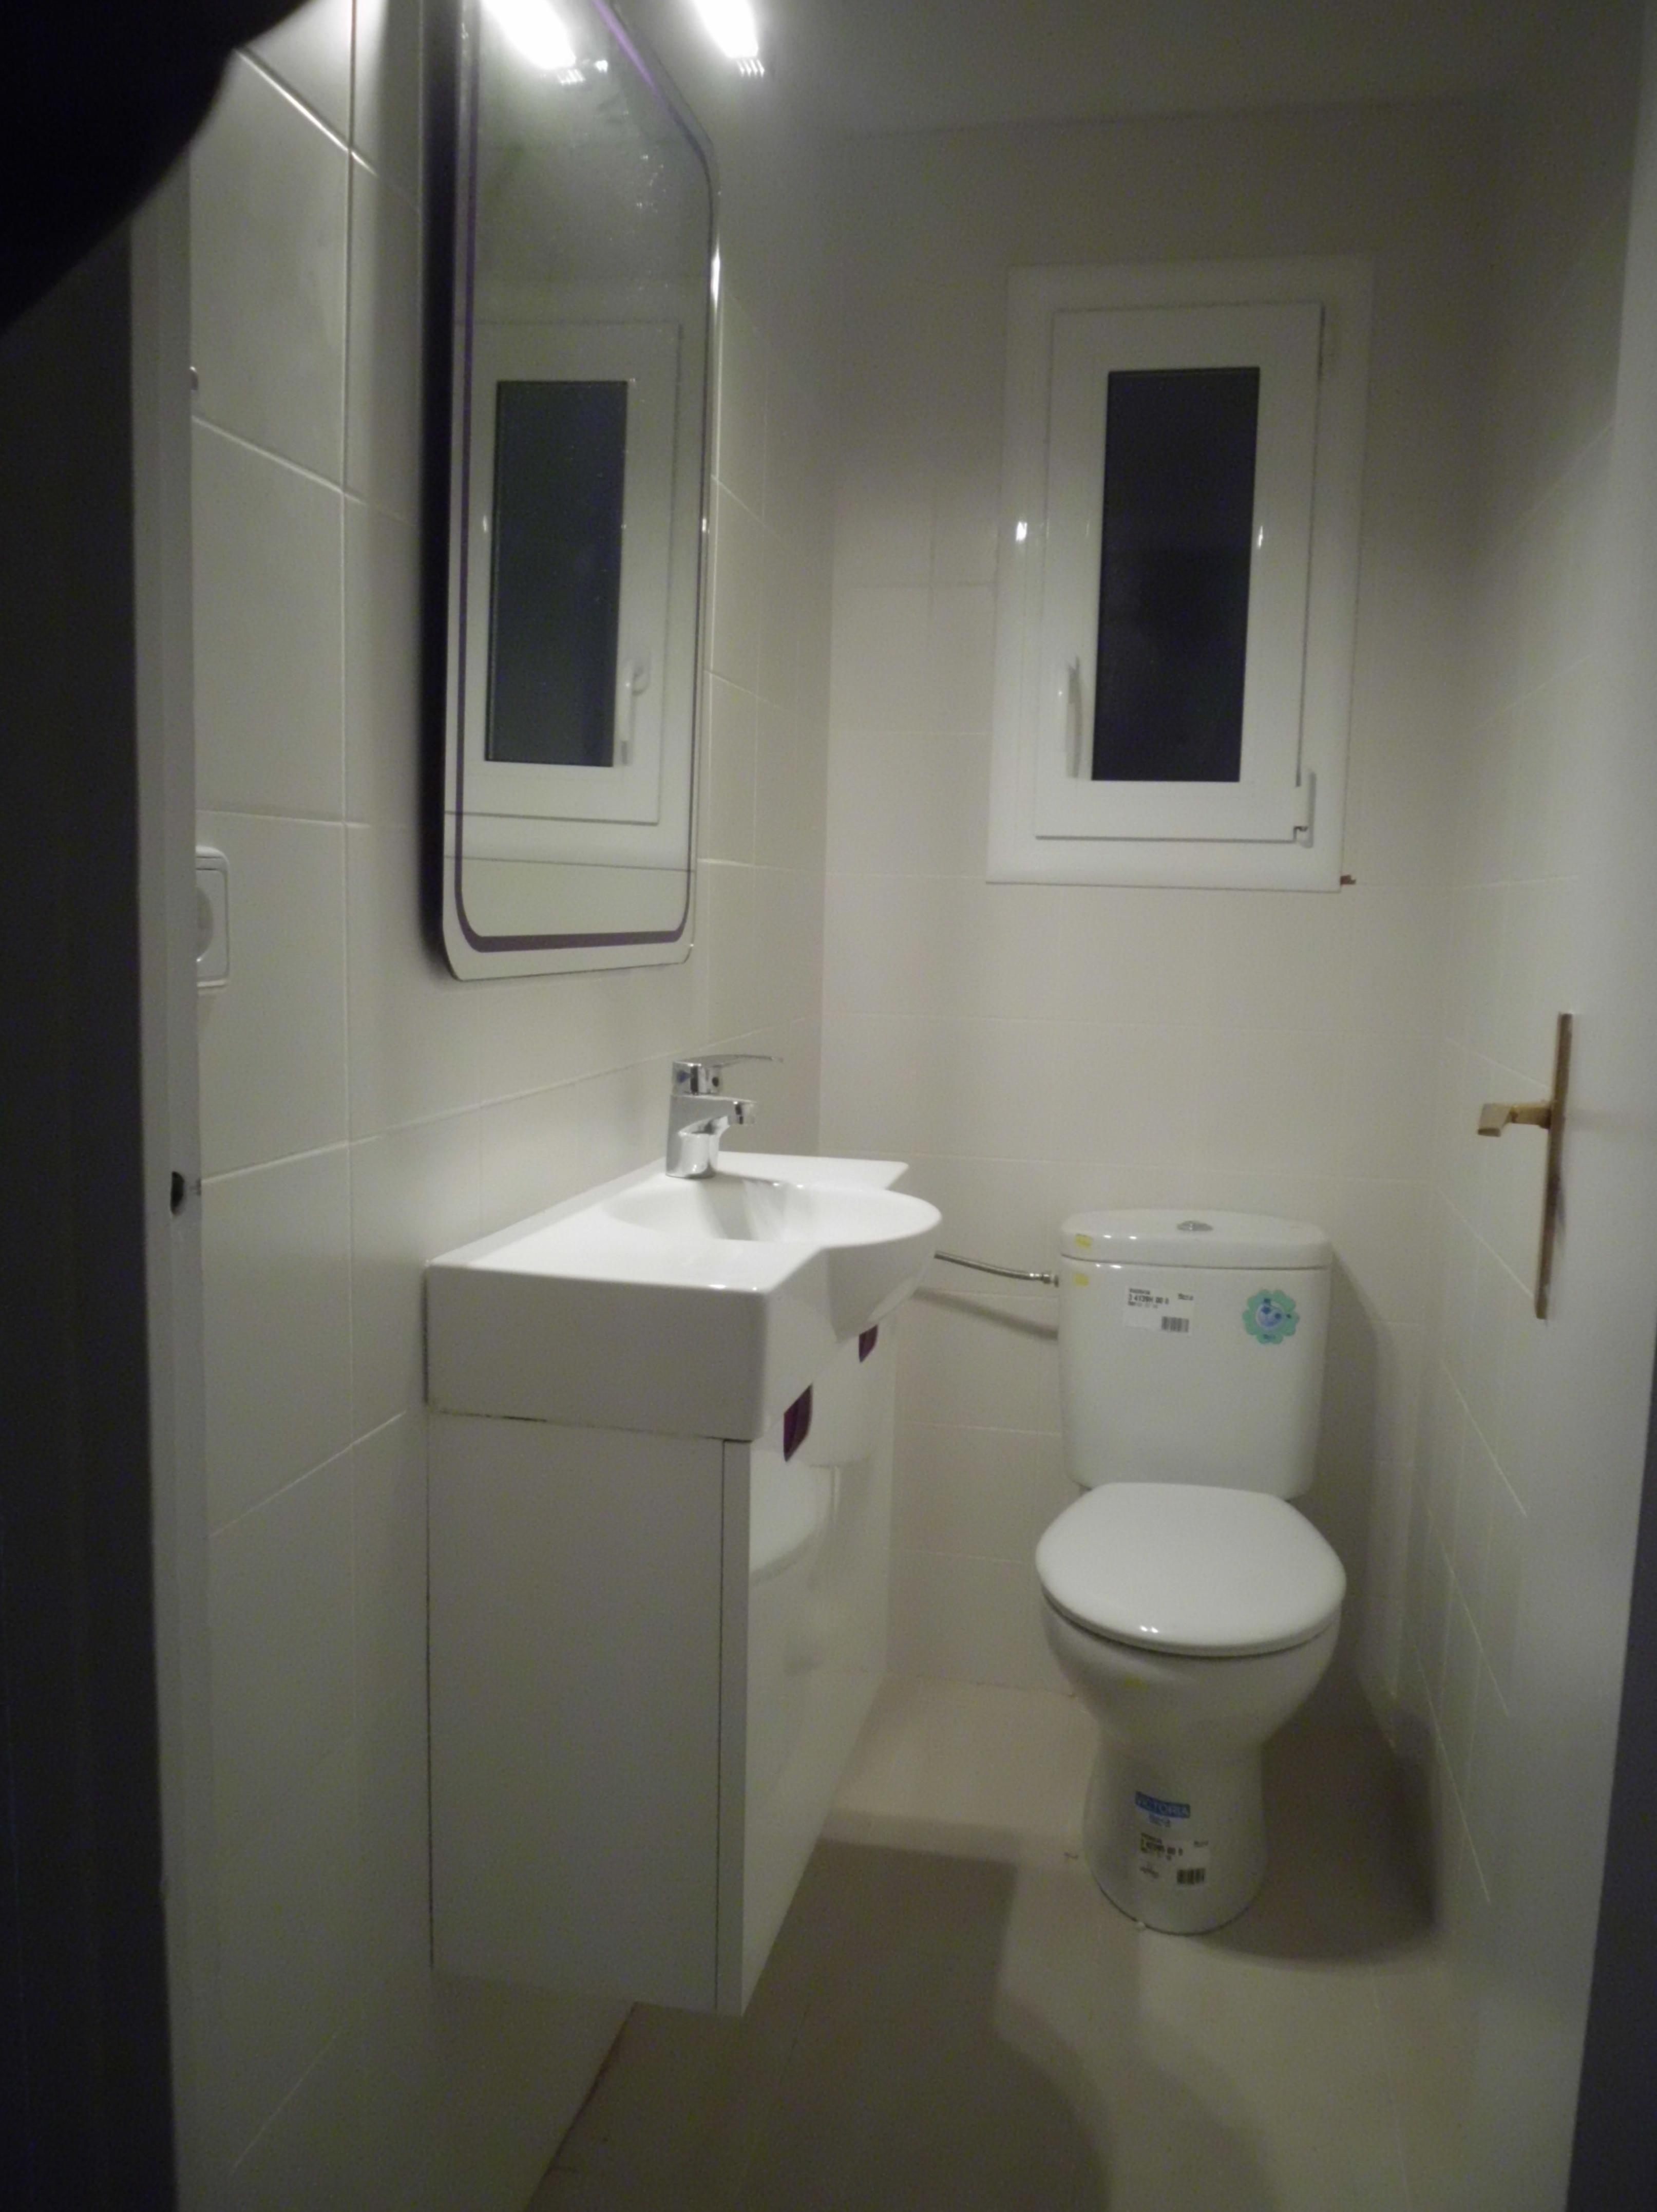 Reforma económica de un piso \u002D mueble de baño es de la Marca Torvisco modelo Micro Sena